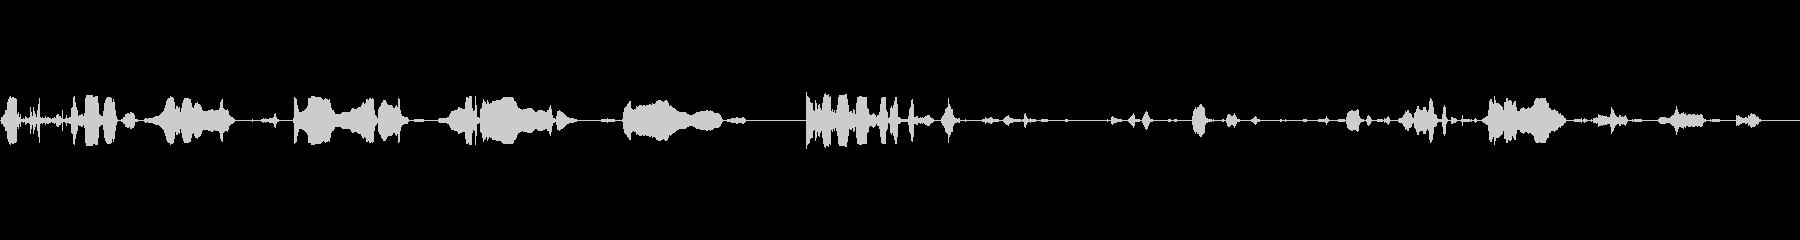 (1-2)シングル、スモールボーイ...の未再生の波形